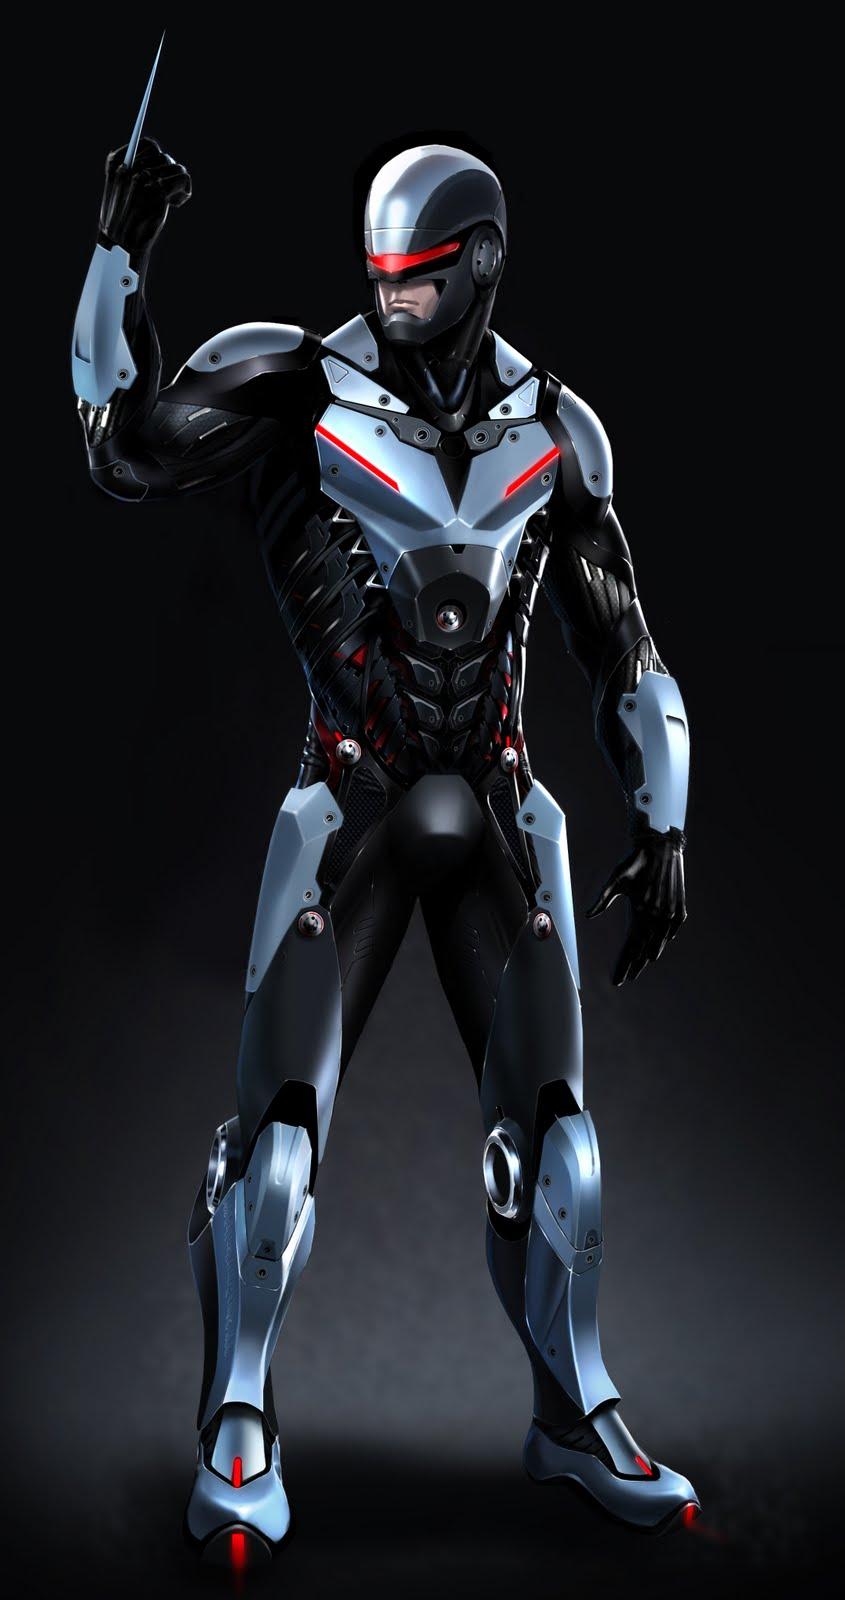 RoboCop+redesign+2.jpg